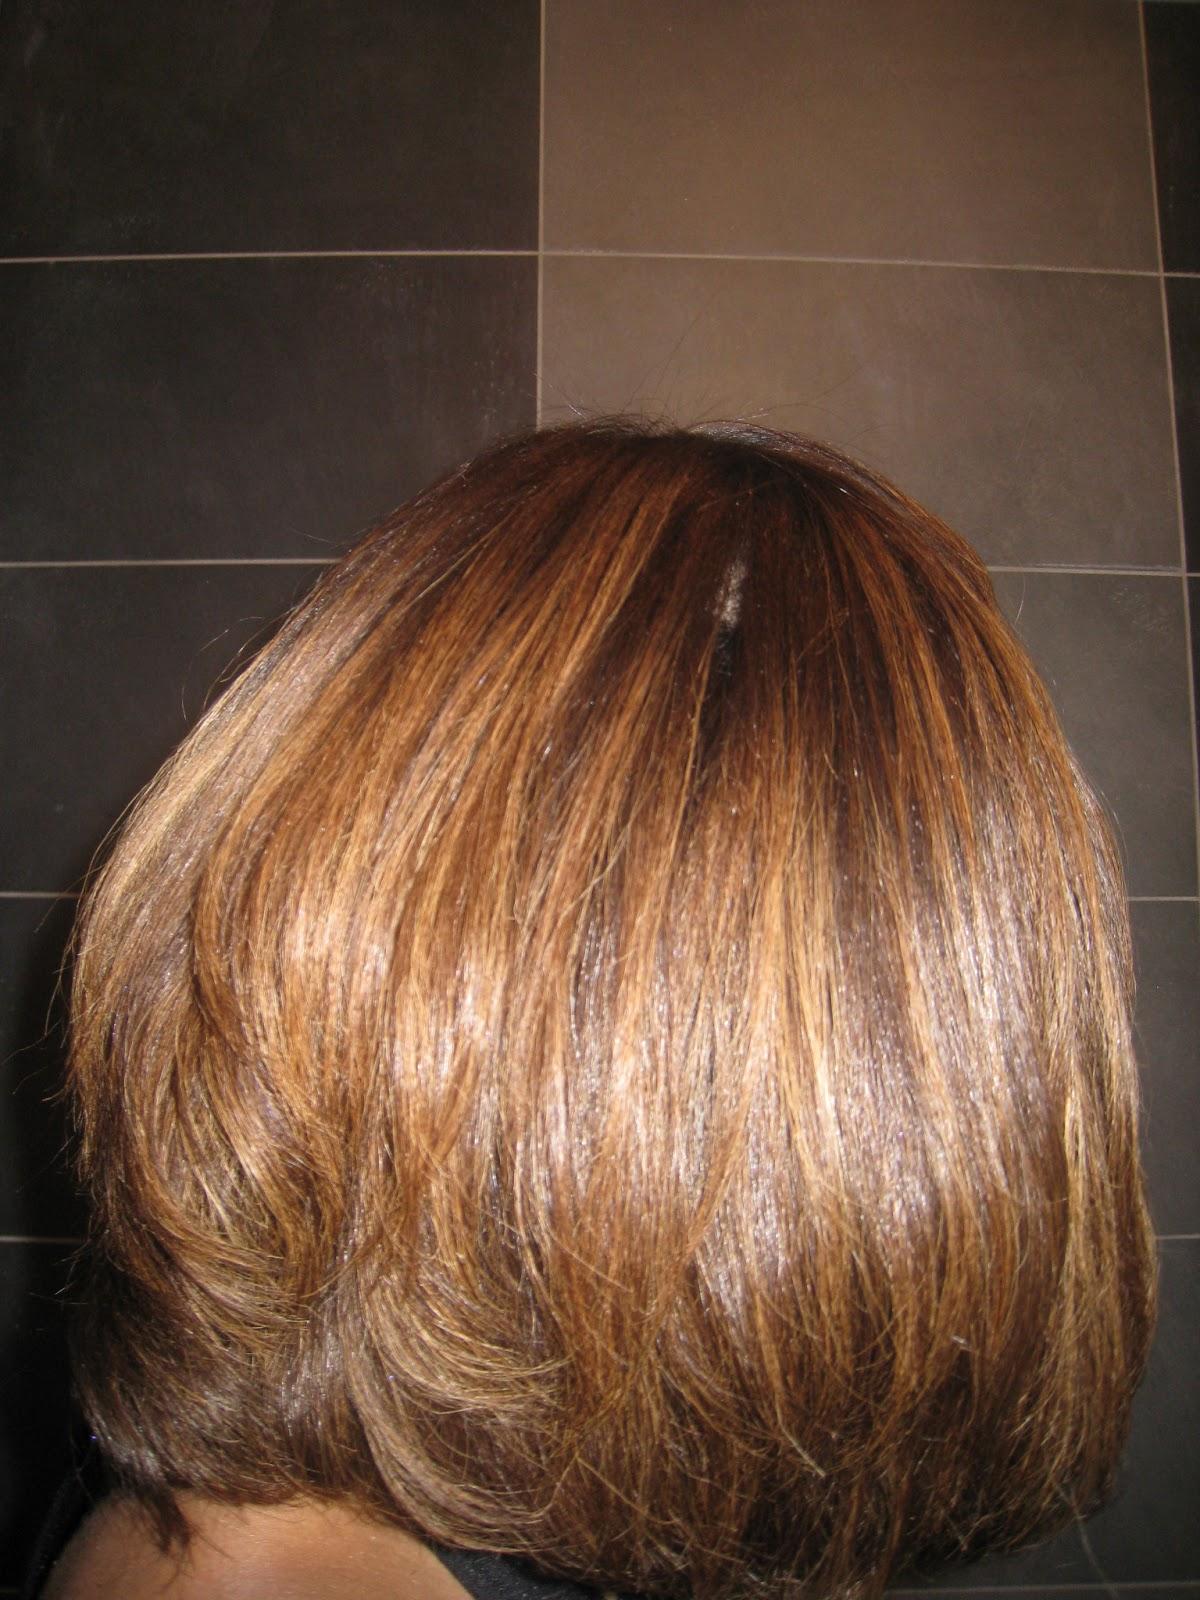 je suis vraiment satisfaite car mes cheveux sont beaucoup plus brillants la notice indique de faire le soin une semaine avant une couleur car il peut - Coloration Cheveux Revlon